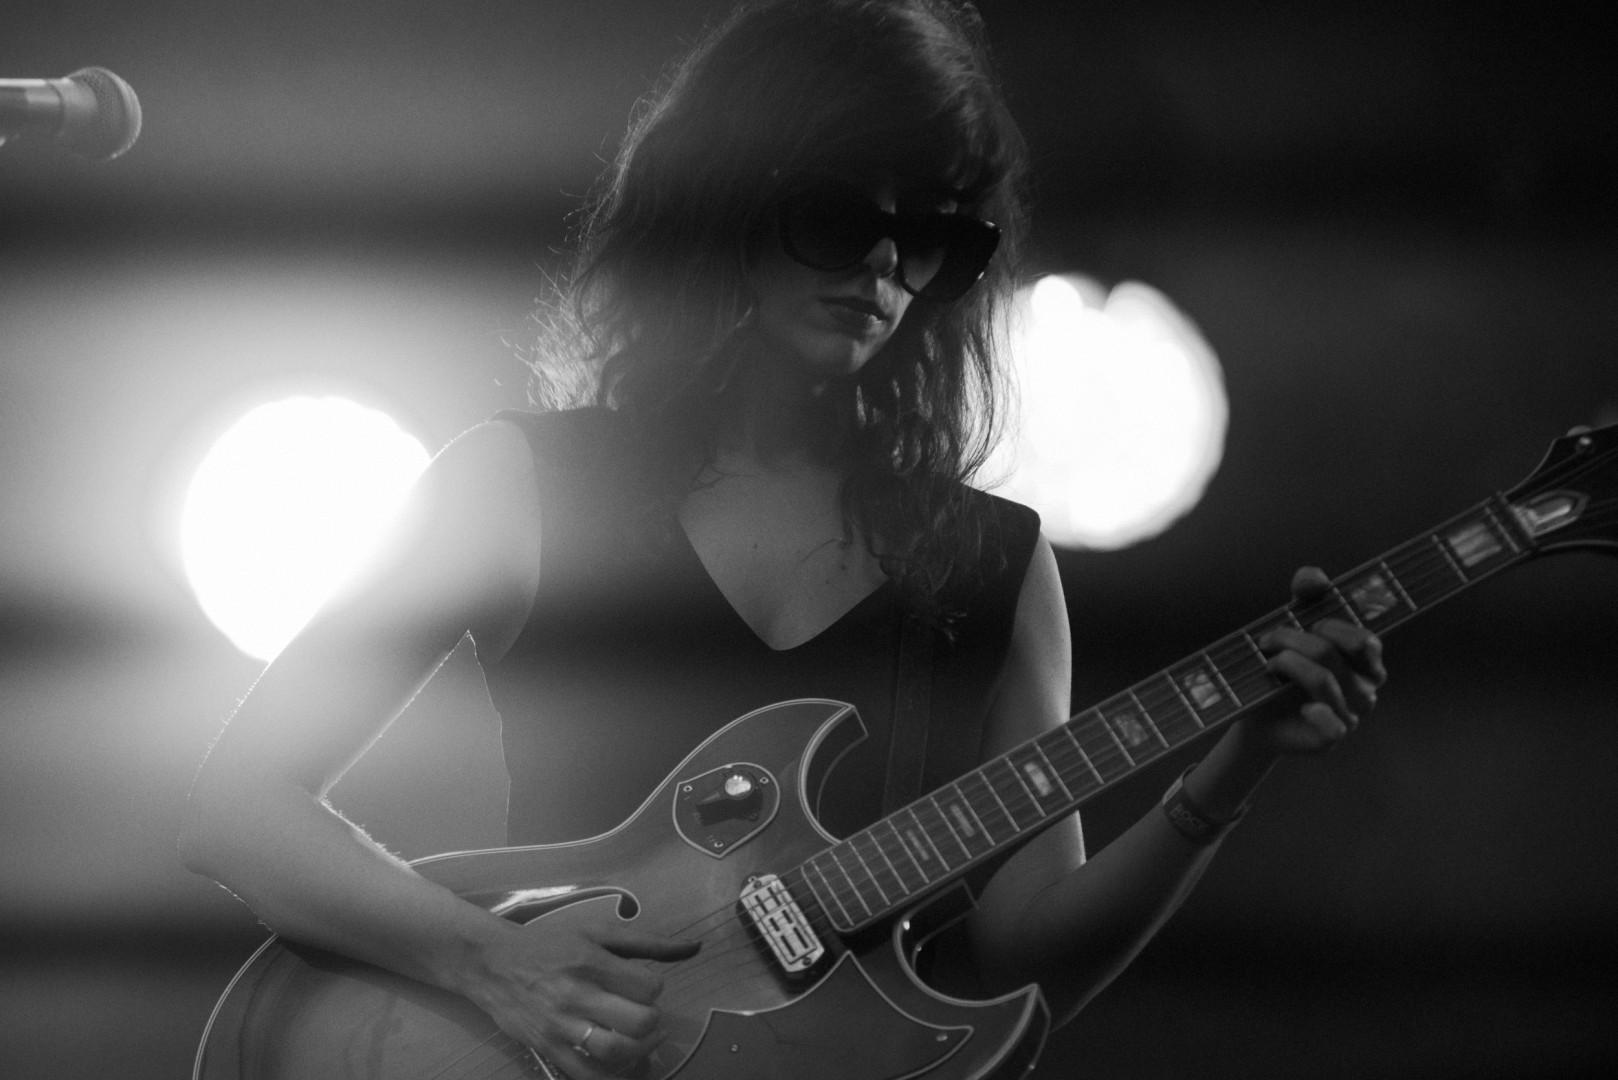 Natalie Prass sur la Scène Pression Live de Rock en Seine le dimanche 30 août